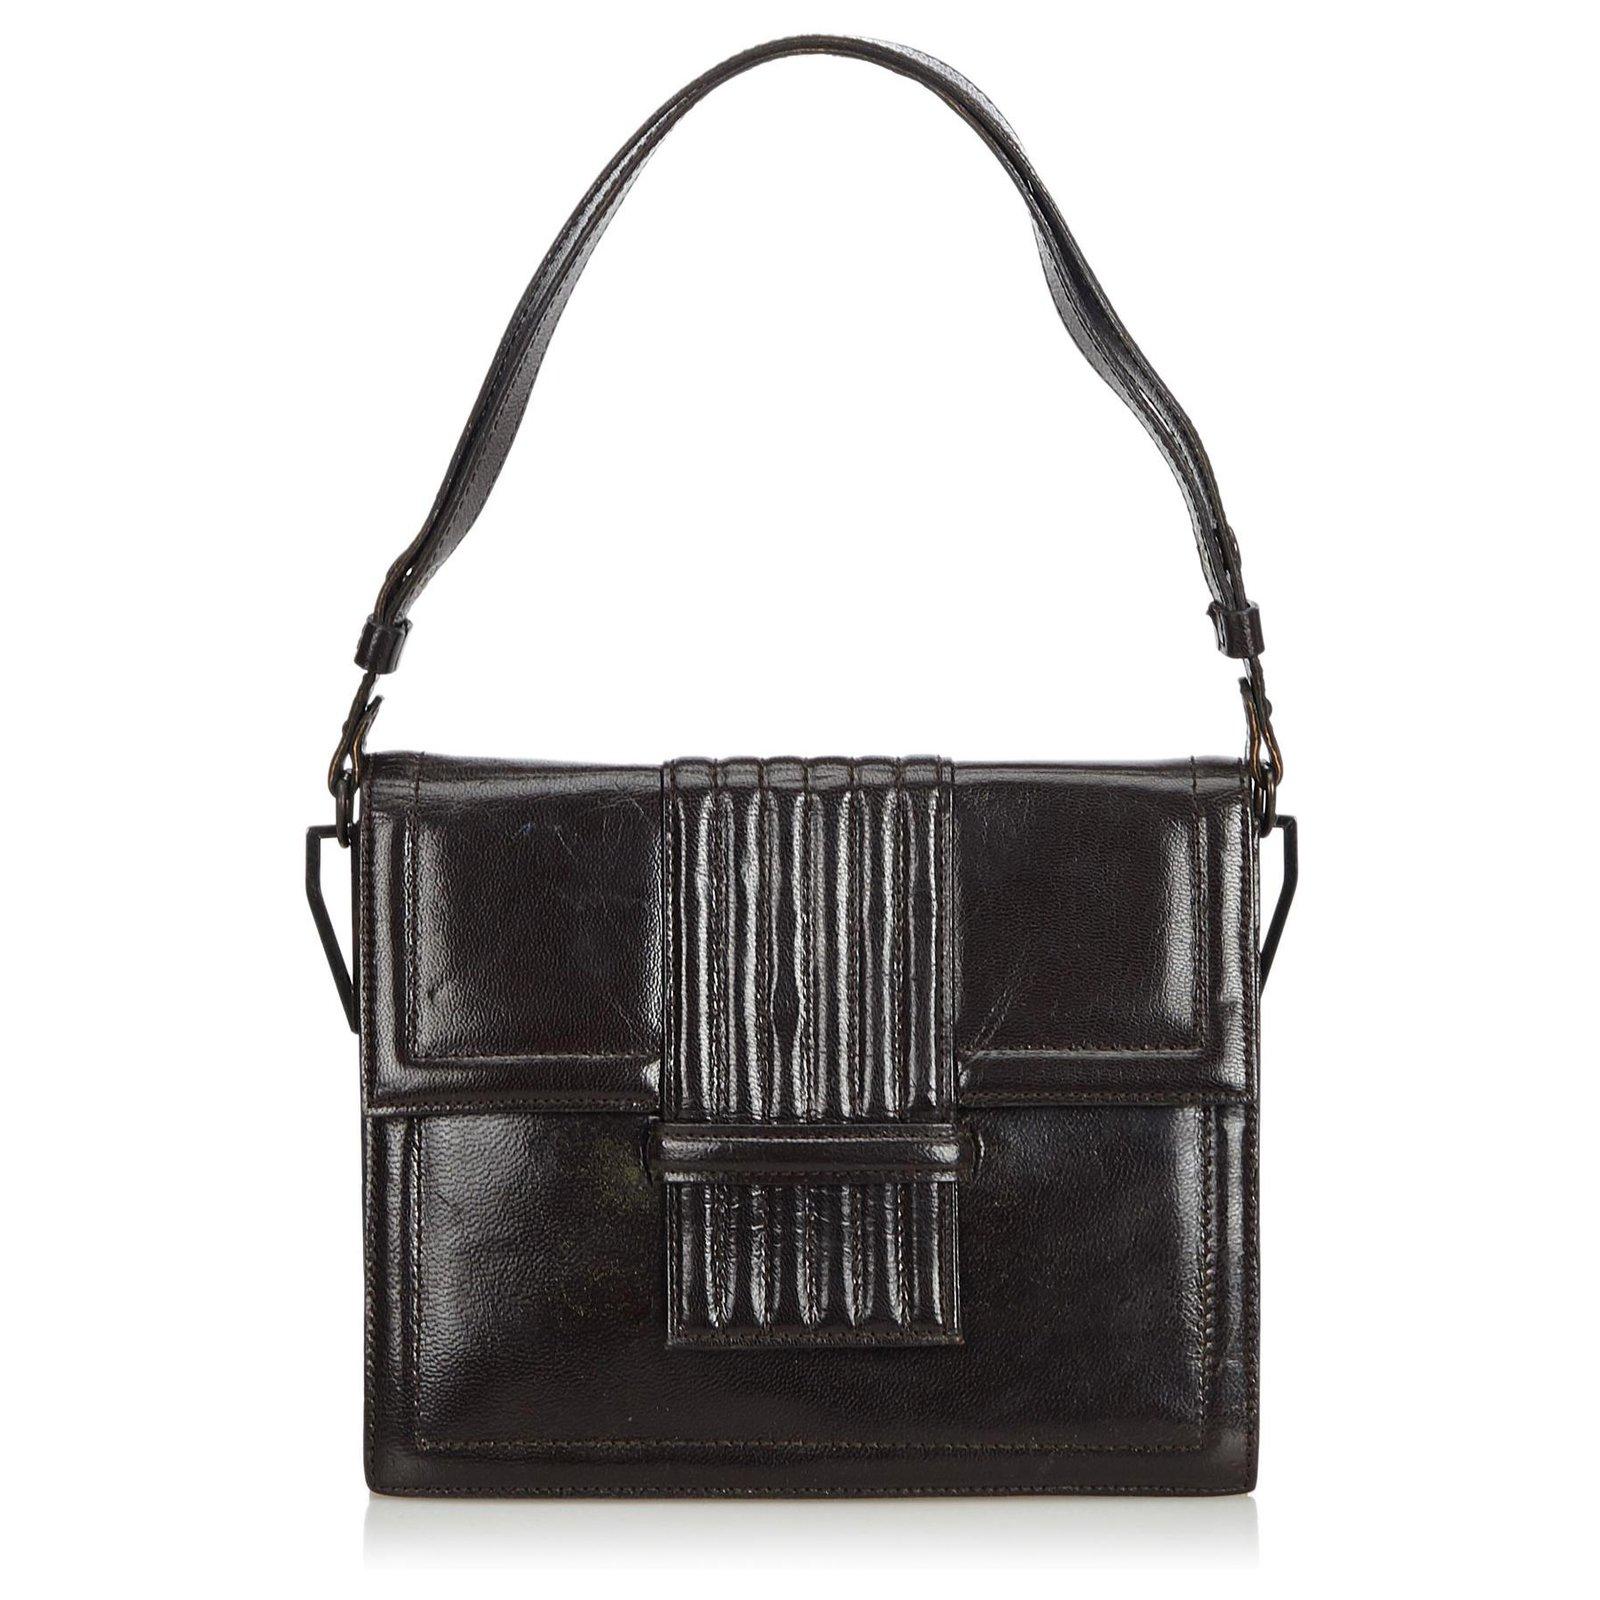 58c196c6e7 Yves Saint Laurent YSL Black Leather Shoulder Bag Handbags Leather,Other  Black ref.127775